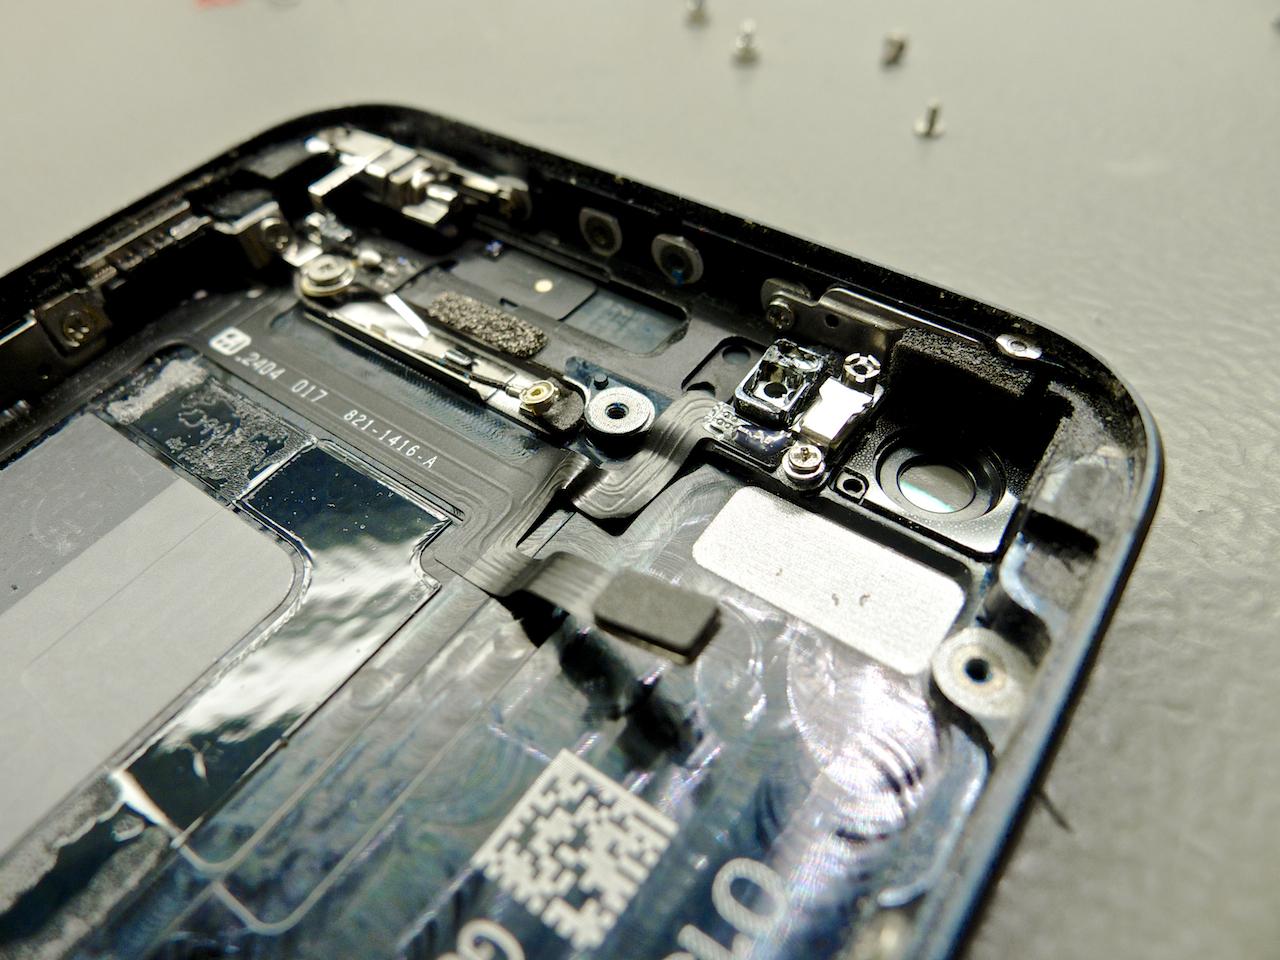 A szalagkábel keresztülmegy az egész készülék belsején, hivatalos apple csereprogram